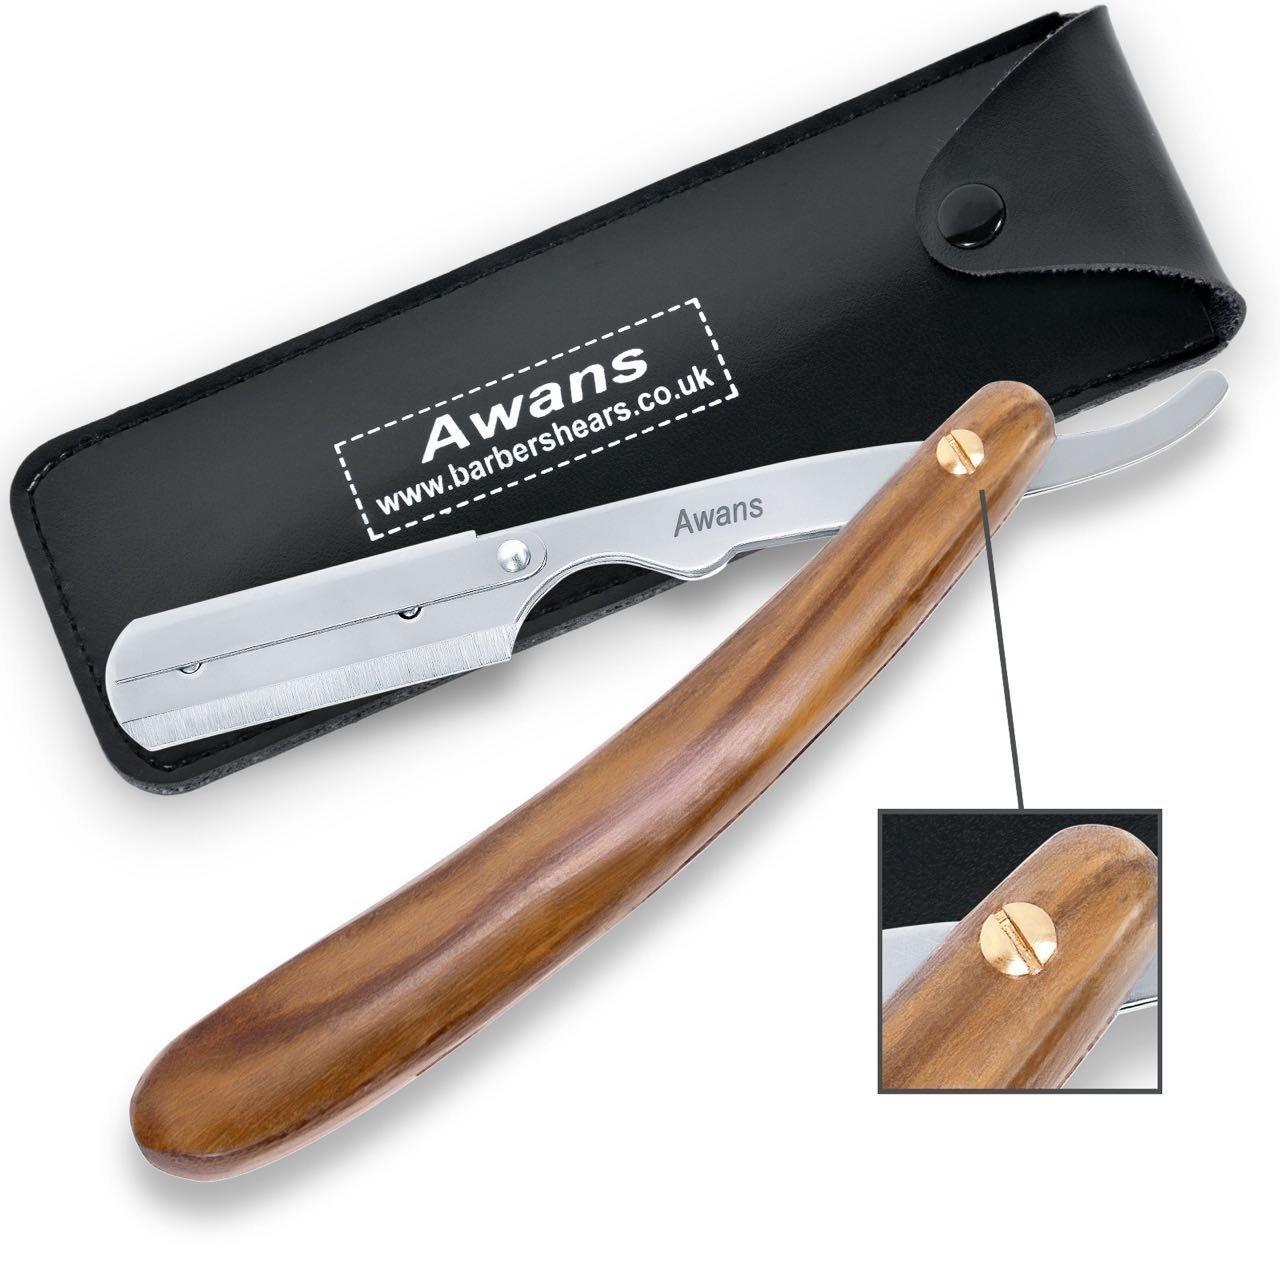 Awans Straight Shaving Razor Handle Cut Throat Barber Shaving Razor Plain Wooden Design